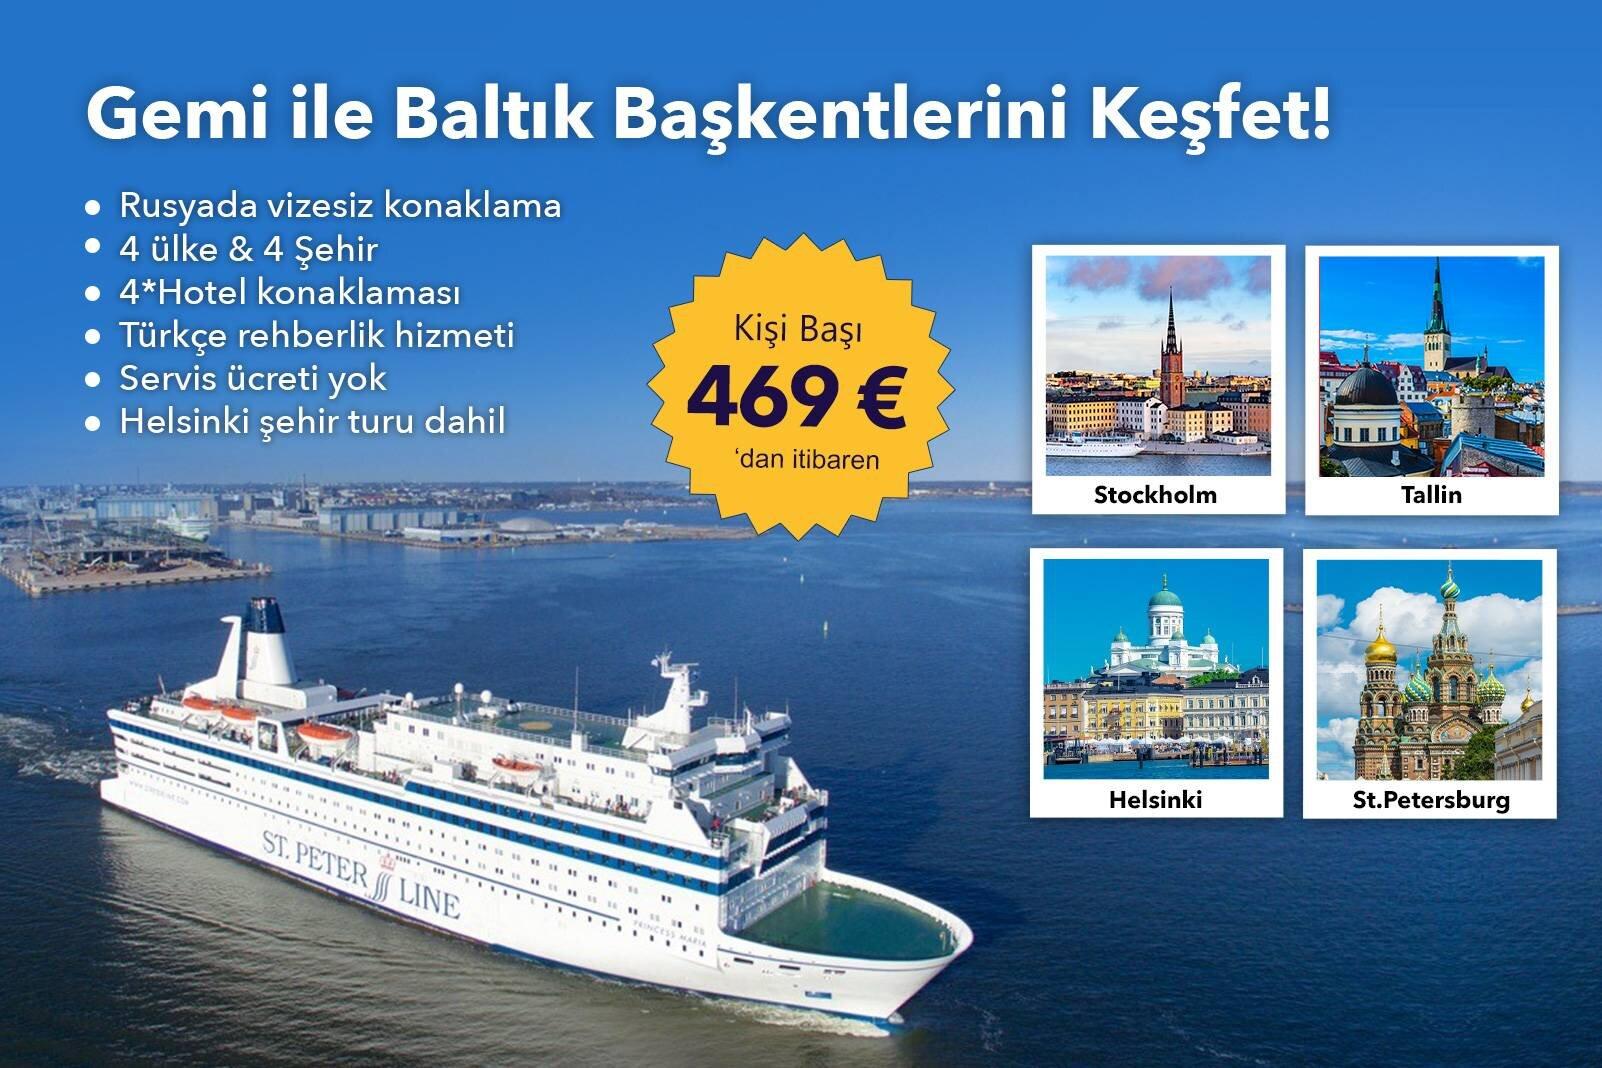 Gemi ile Baltık Başkentlerini Keşfet!